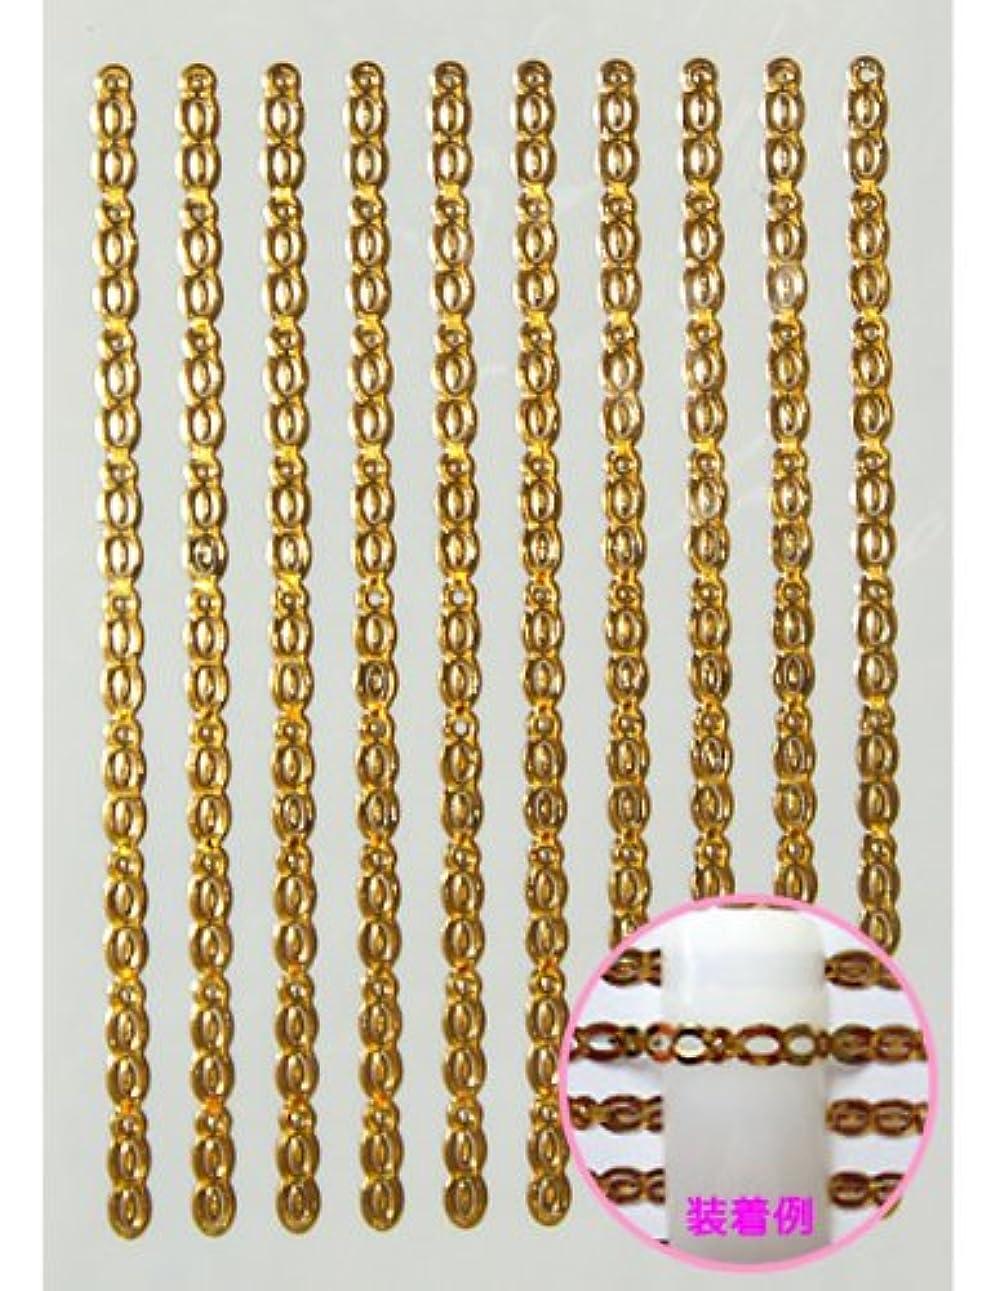 オート世界の窓ホットネイルシール メタルパーツのようなネイルシール チェーンゴールド [#4]ジェルネイルアート